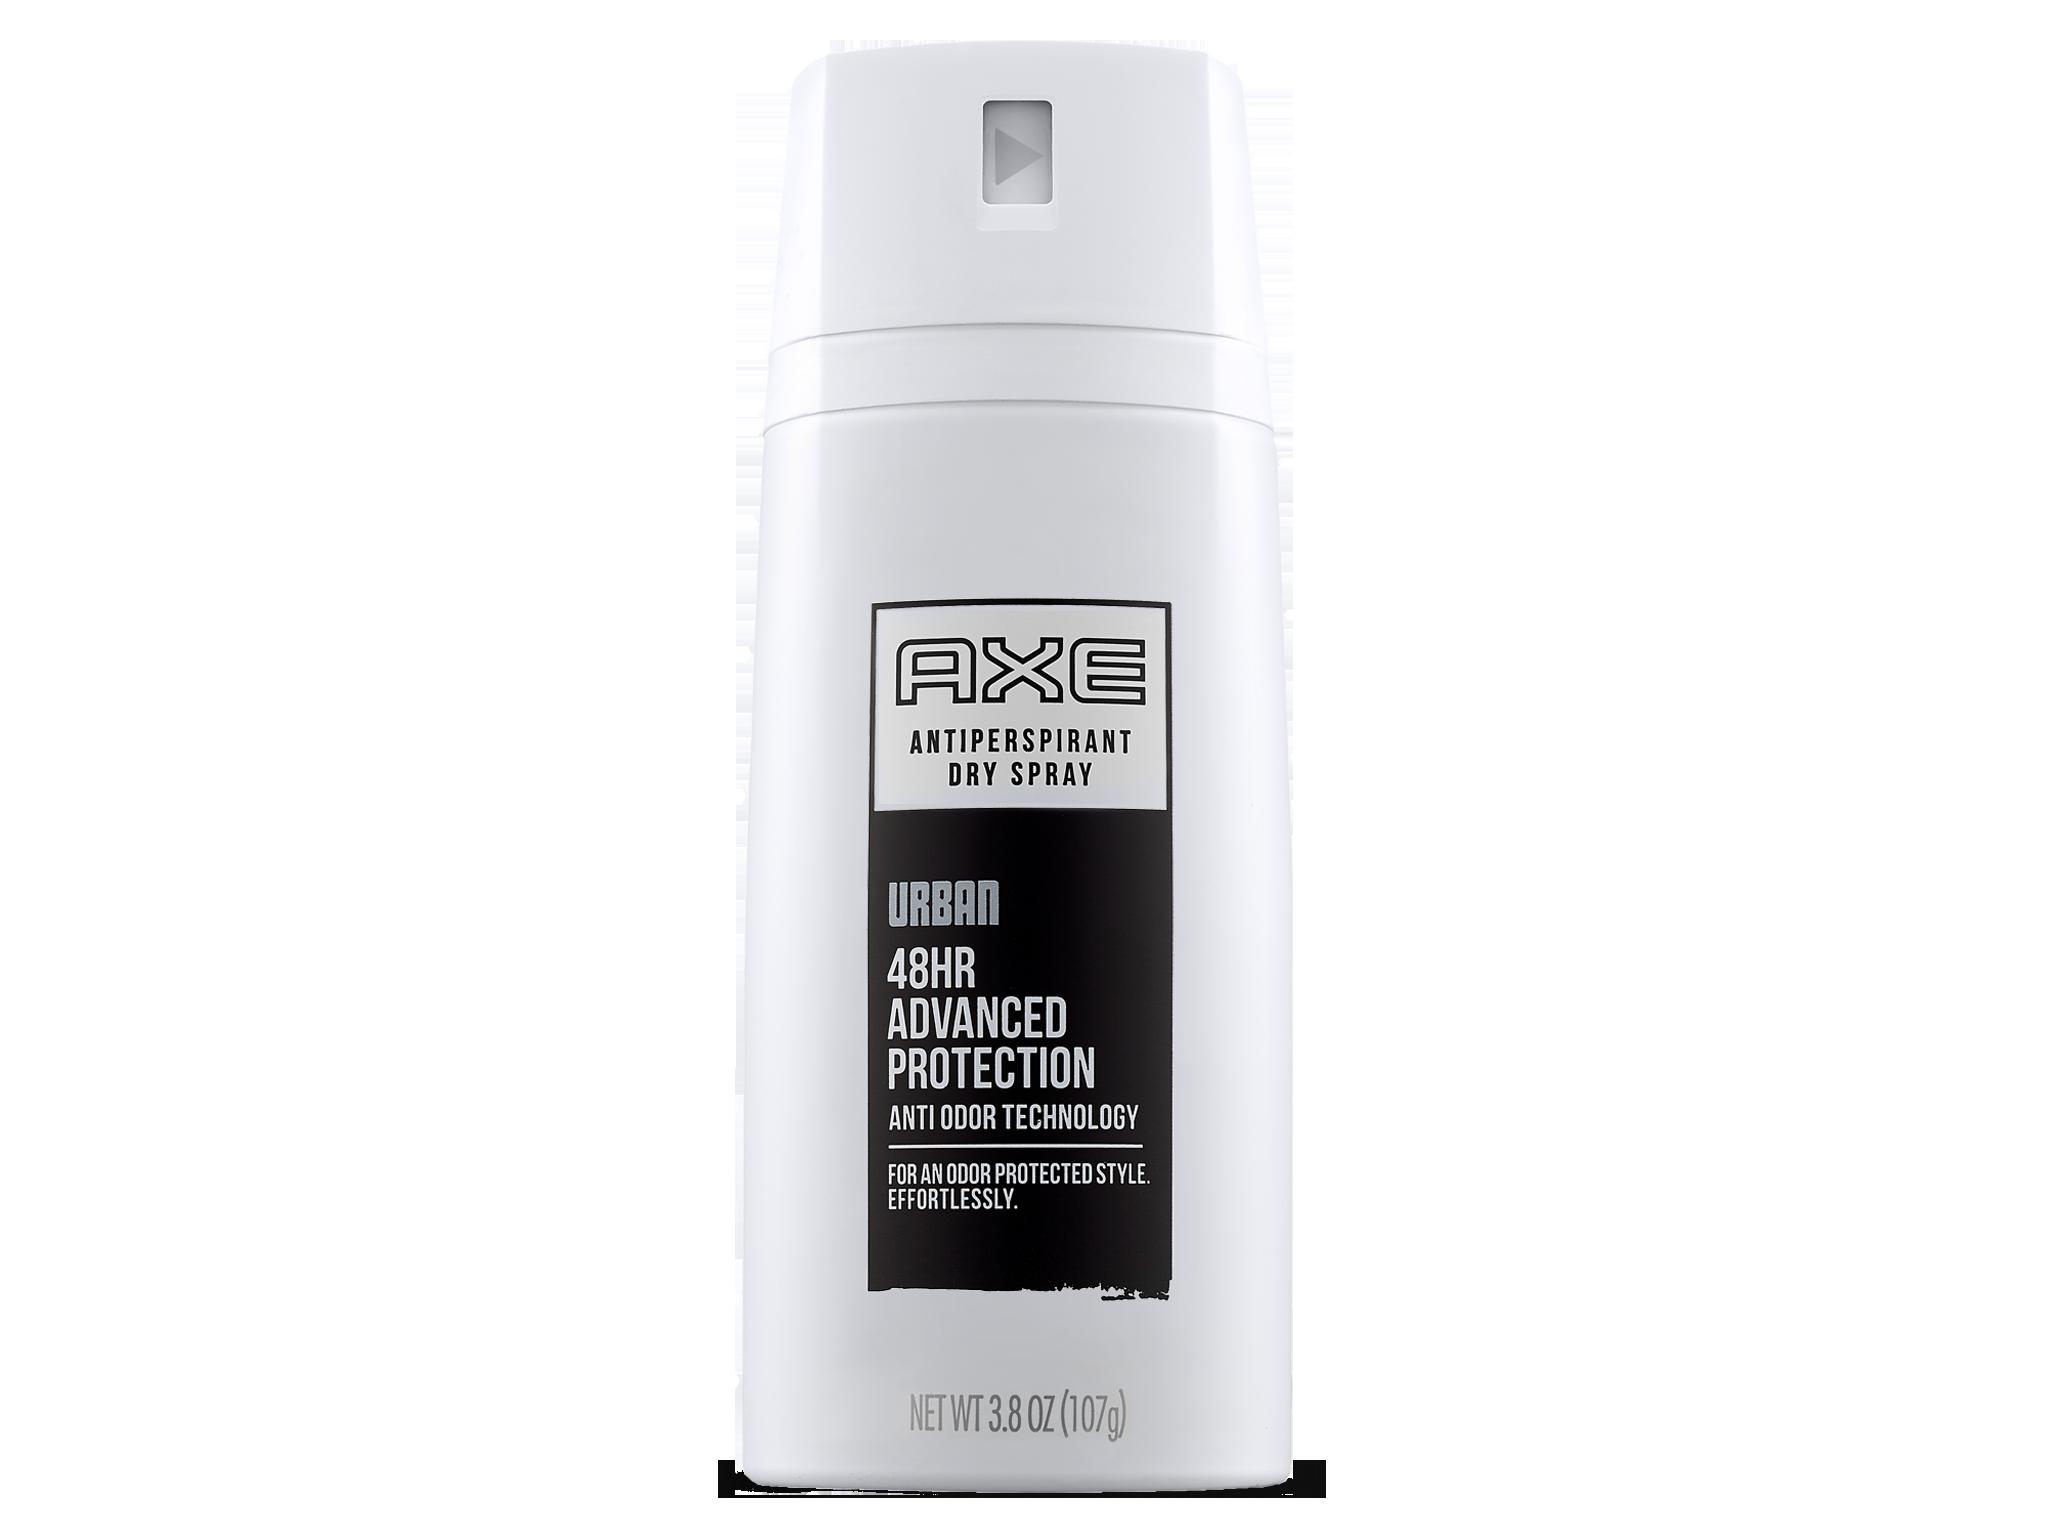 Deodorant clipart body odor. Daily fragrance vs antiperspirant